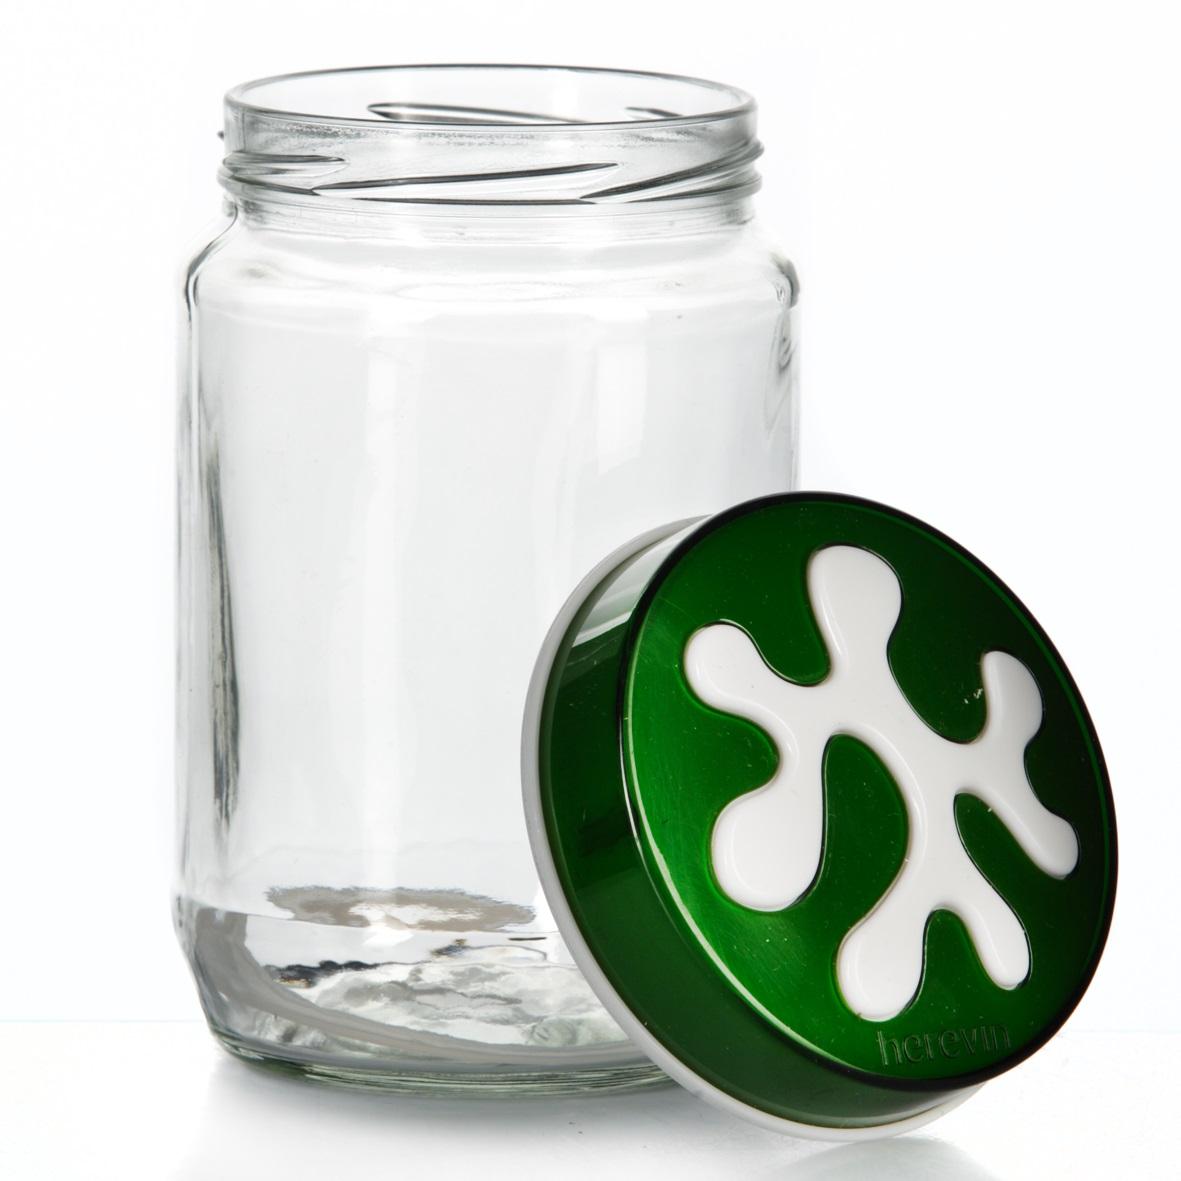 Банка для сыпучих продуктов Herevin, цвет: зеленый, 720 мл. 135367-002135367-002Банка для сыпучих продуктов Herevin изготовлена из прочного стекла и оснащена плотно закрывающейся пластиковой крышкой. Благодаря этому внутри сохраняется герметичность, и продукты дольше остаются свежими. Изделие предназначено для хранения различных сыпучих продуктов: круп, чая, сахара, орехов и т.д. Функциональная и вместительная, такая банка станет незаменимым аксессуаром на любой кухне. Можно мыть в посудомоечной машине. Пластиковые части рекомендуется мыть вручную.Объем: 720 мл.Диаметр (по верхнему краю): 7,5 см.Высота банки (без учета крышки): 14 см.